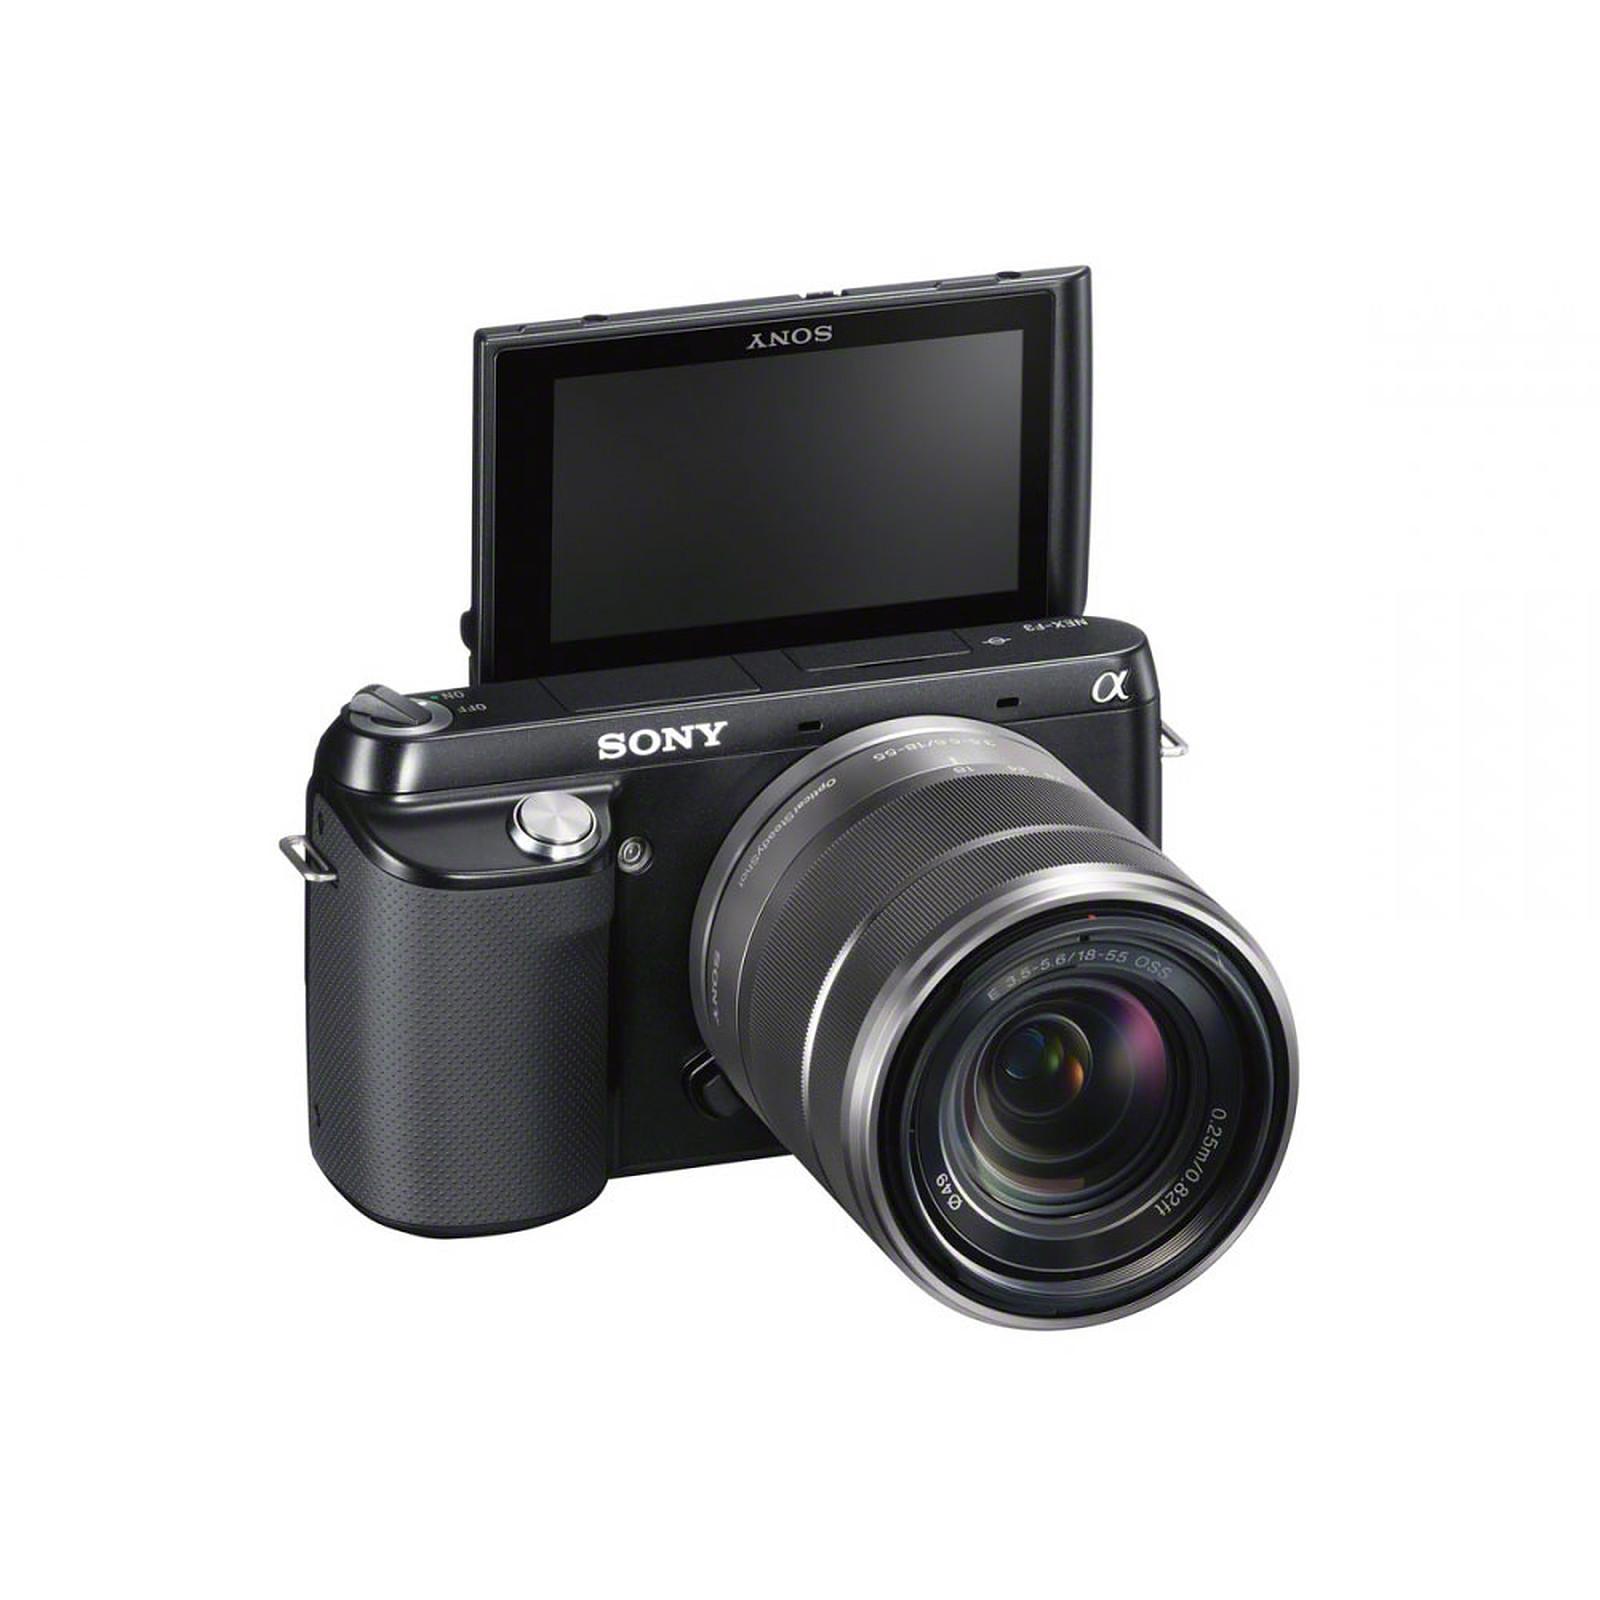 Sony NEX-F3 + Objectif 18-55 mm